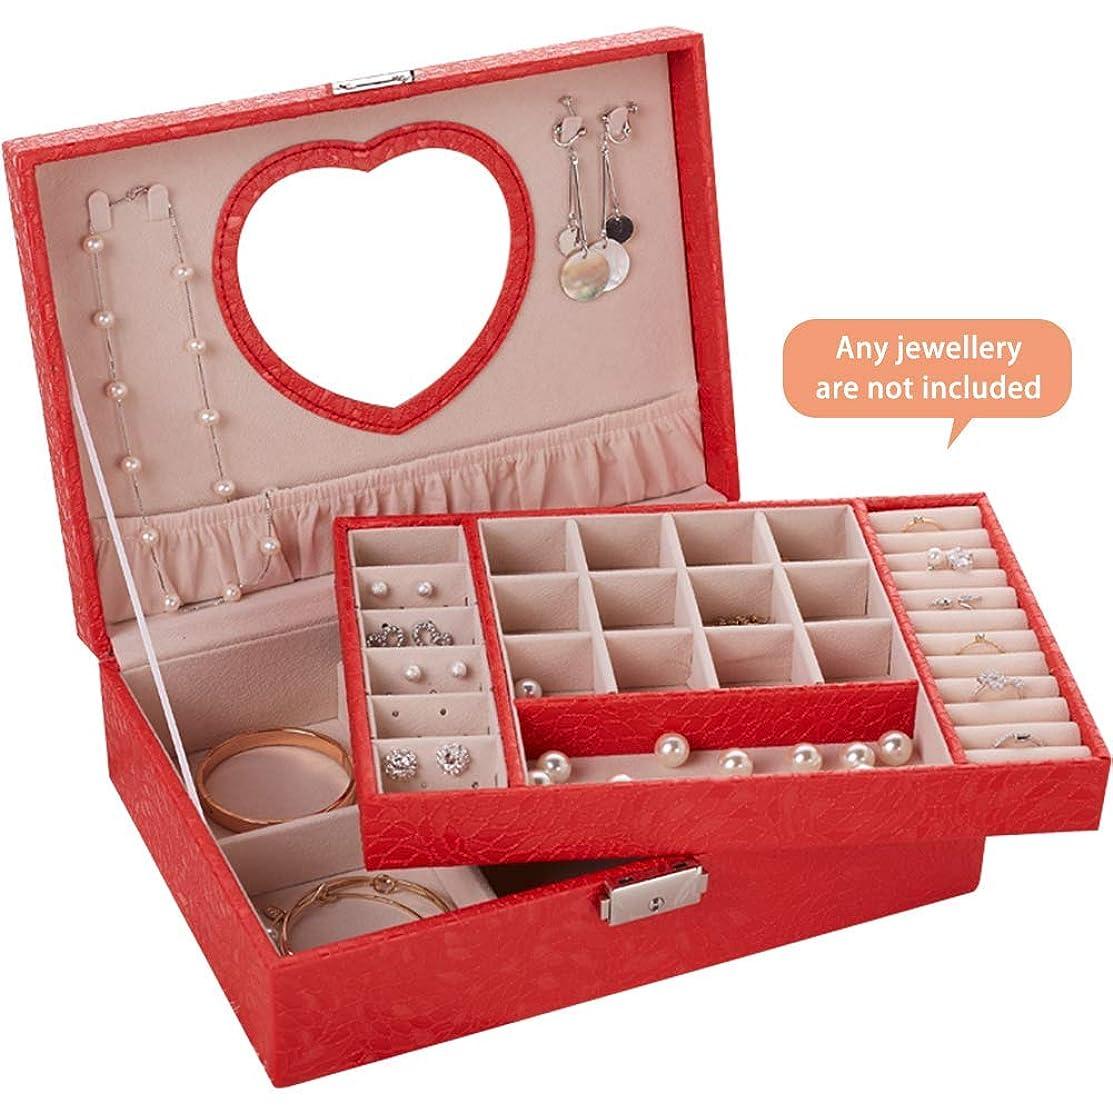 錆びギャップタイトルIKENOKOIジュエリーボックス ミラー付き アクセサリーケース 宝石箱 大容量 小物入れ 携帯 旅行 プレゼント 可愛い(レッド)